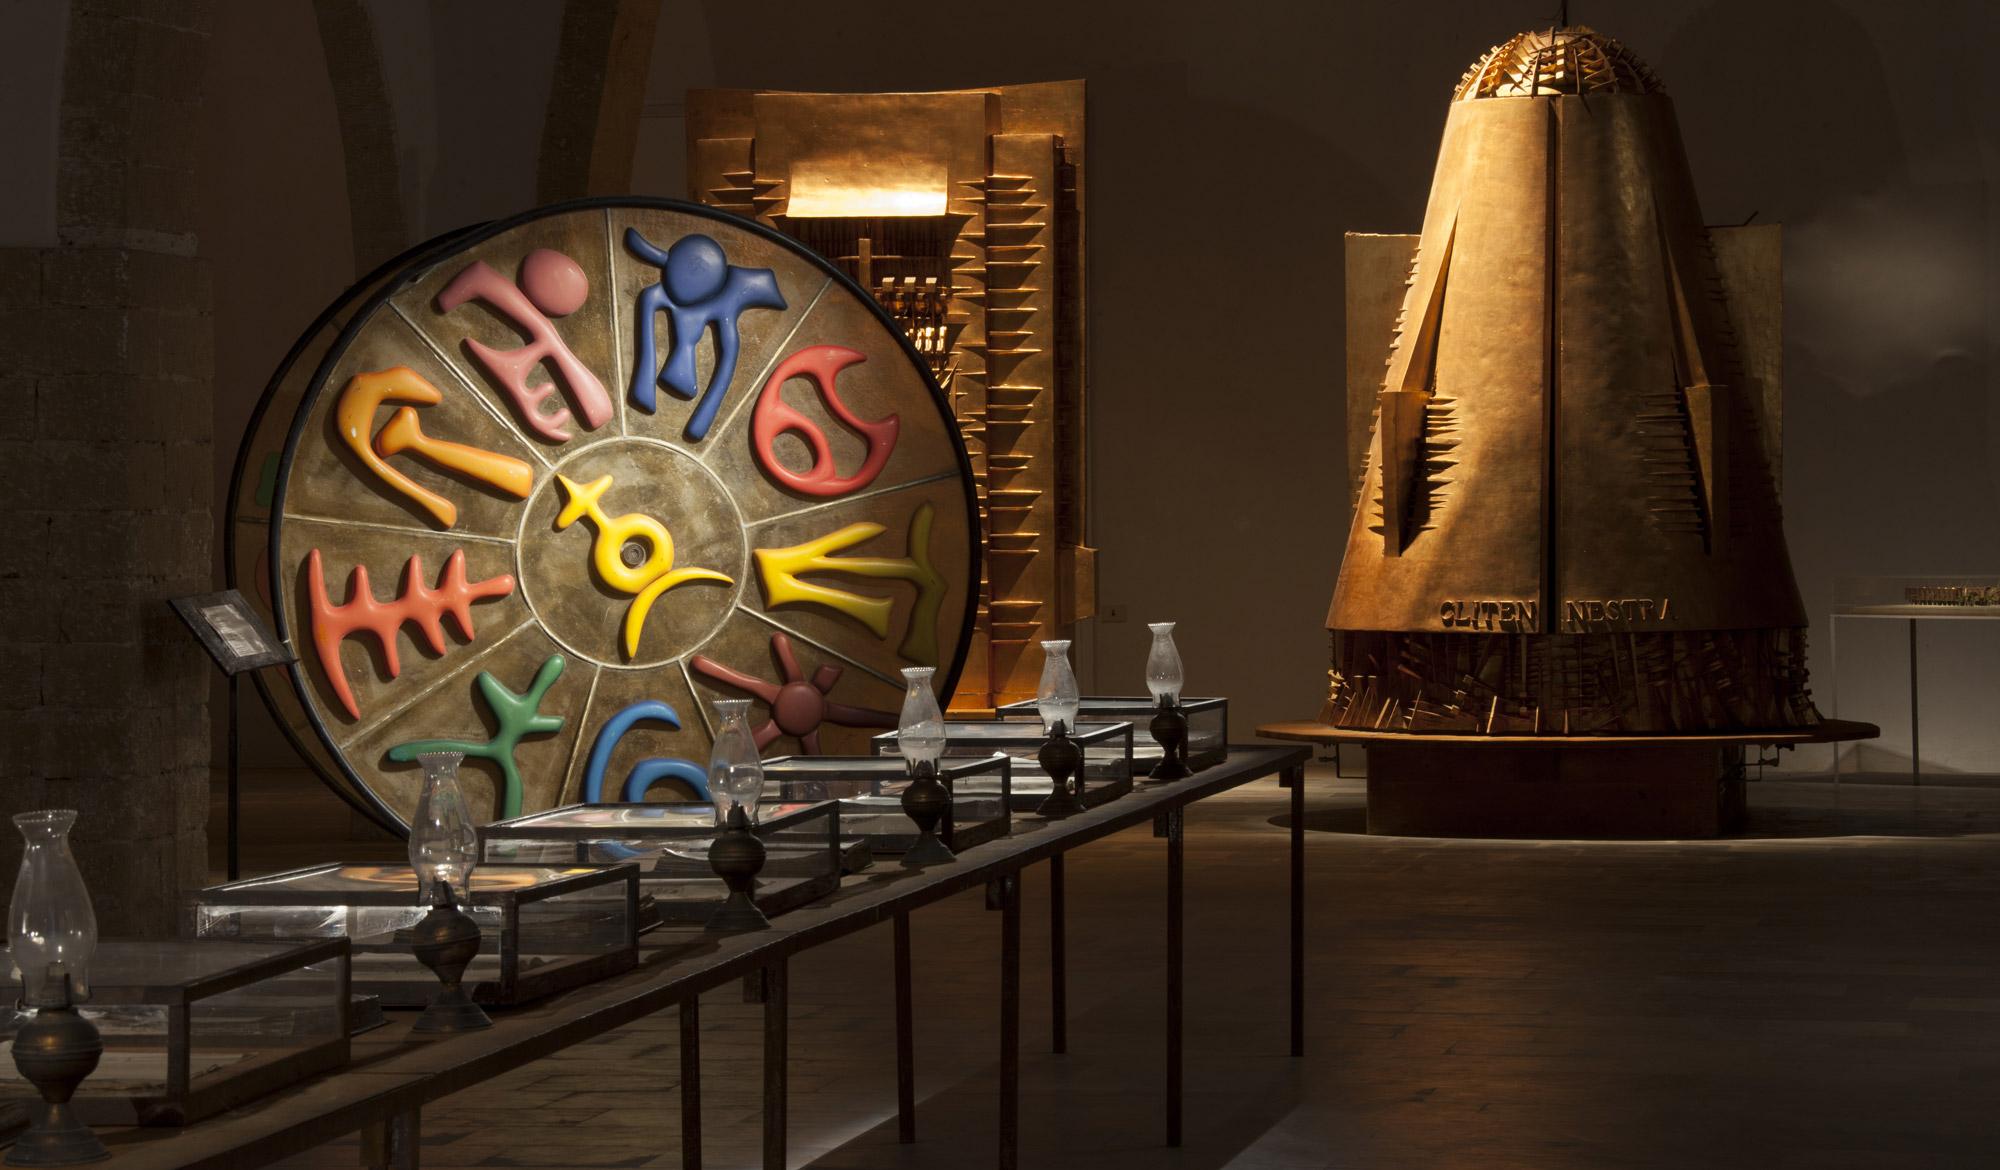 III Giornata Nazionale Dei Piccoli Musei Domenica 29 Settembre 2019